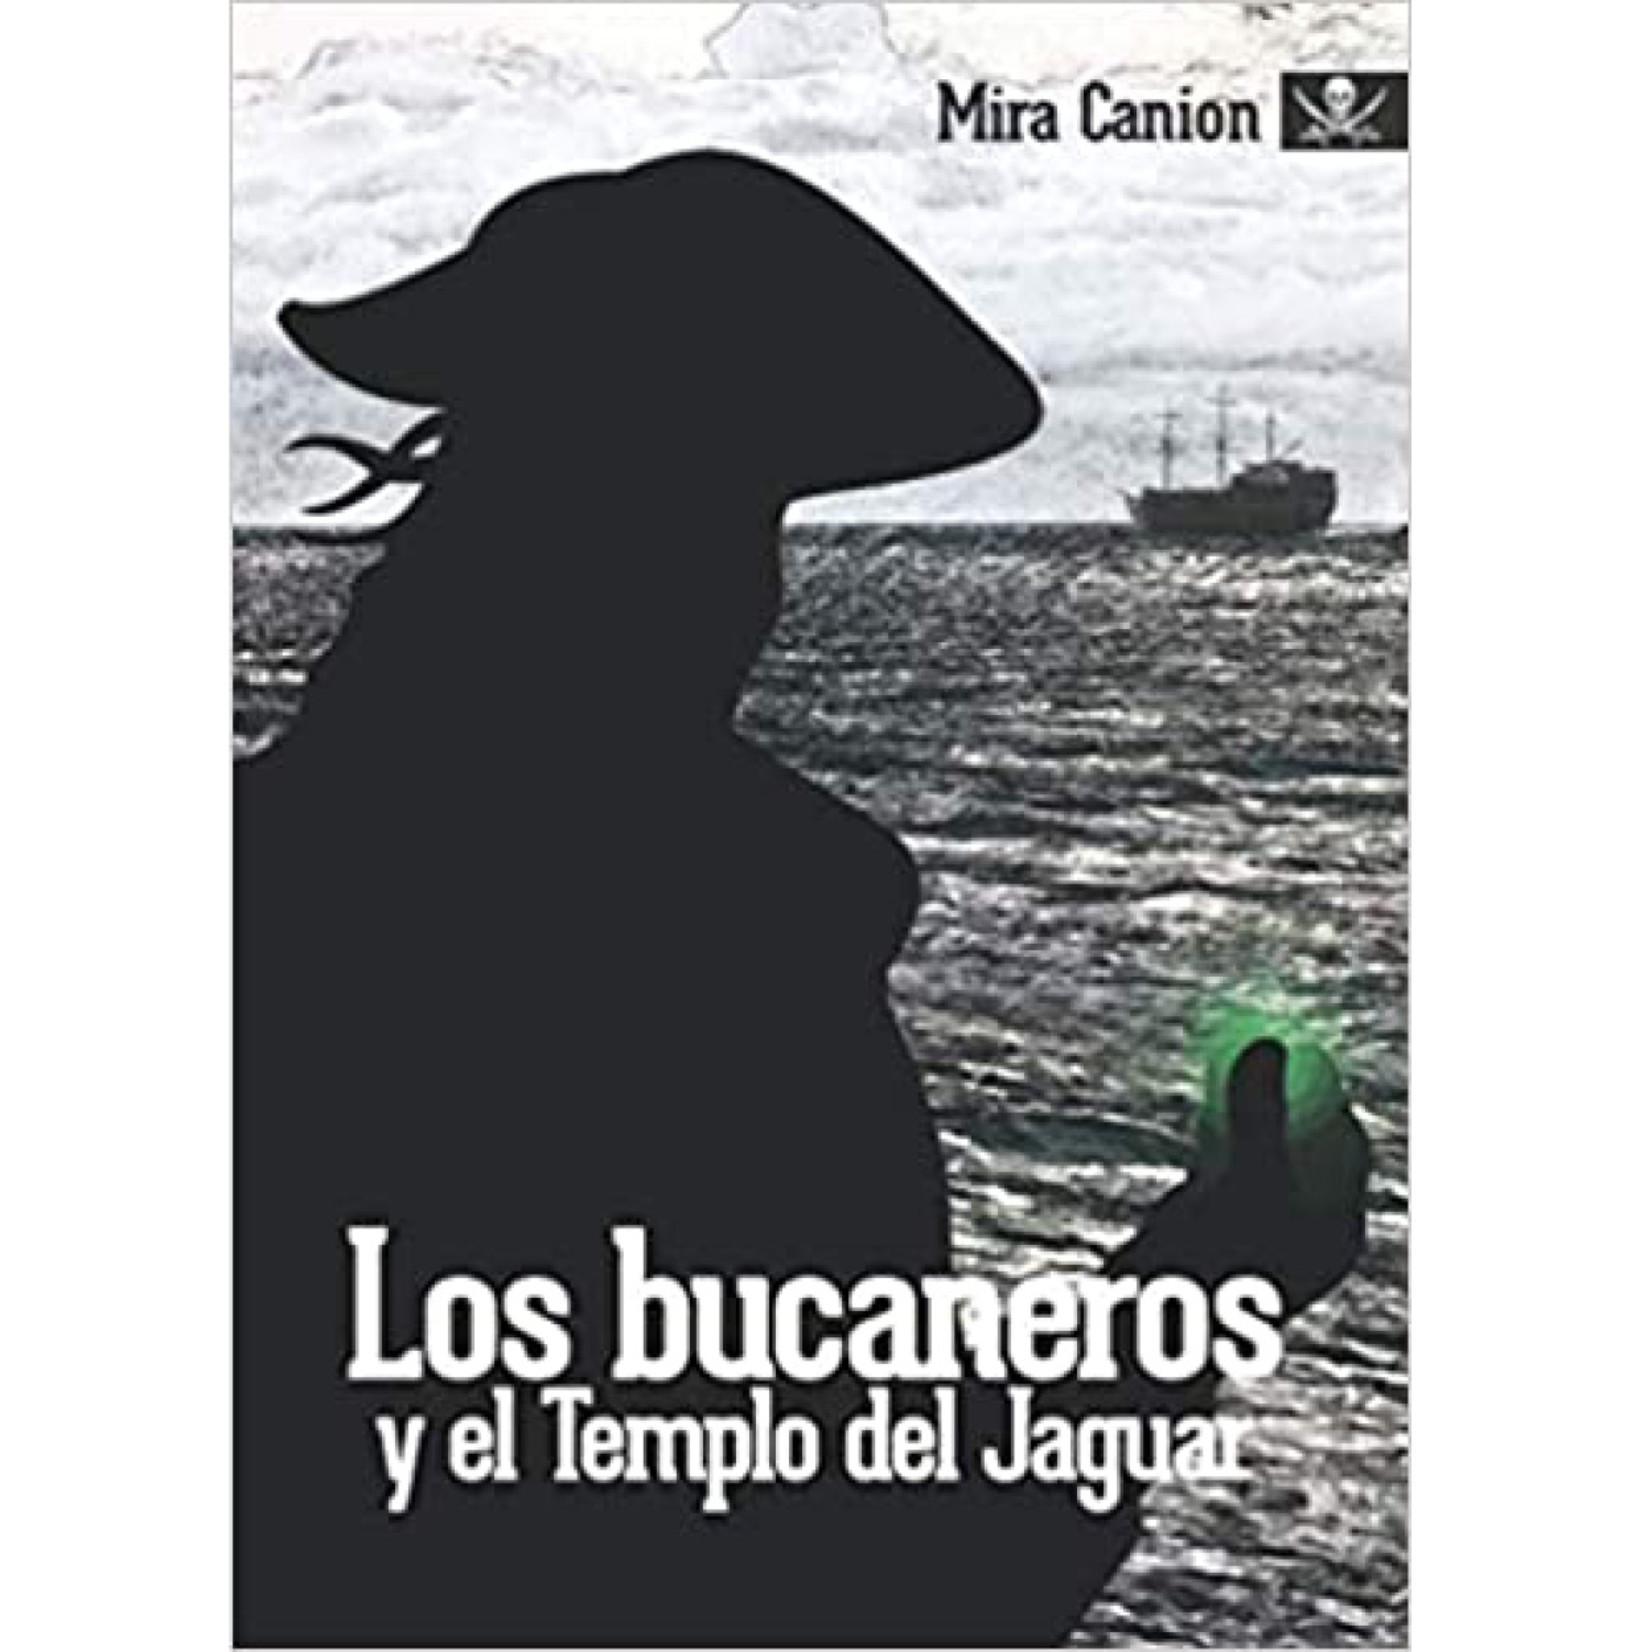 Mira Canion Los Bucaneros y el Templo del Jaguar